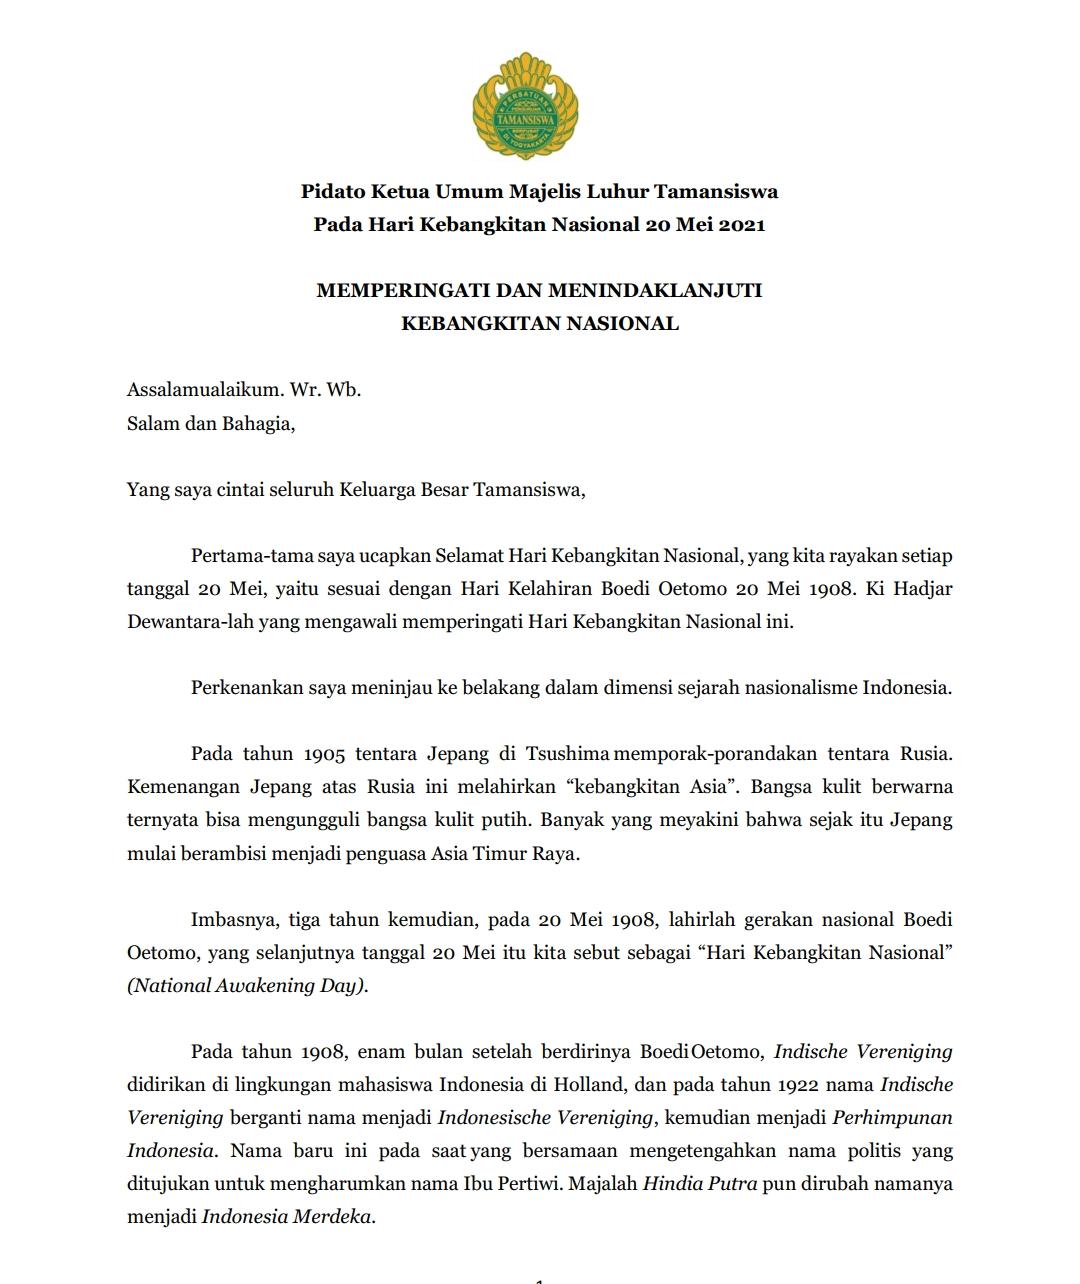 Pidato Ketua Umum Majelis Luhur Tamansiswa